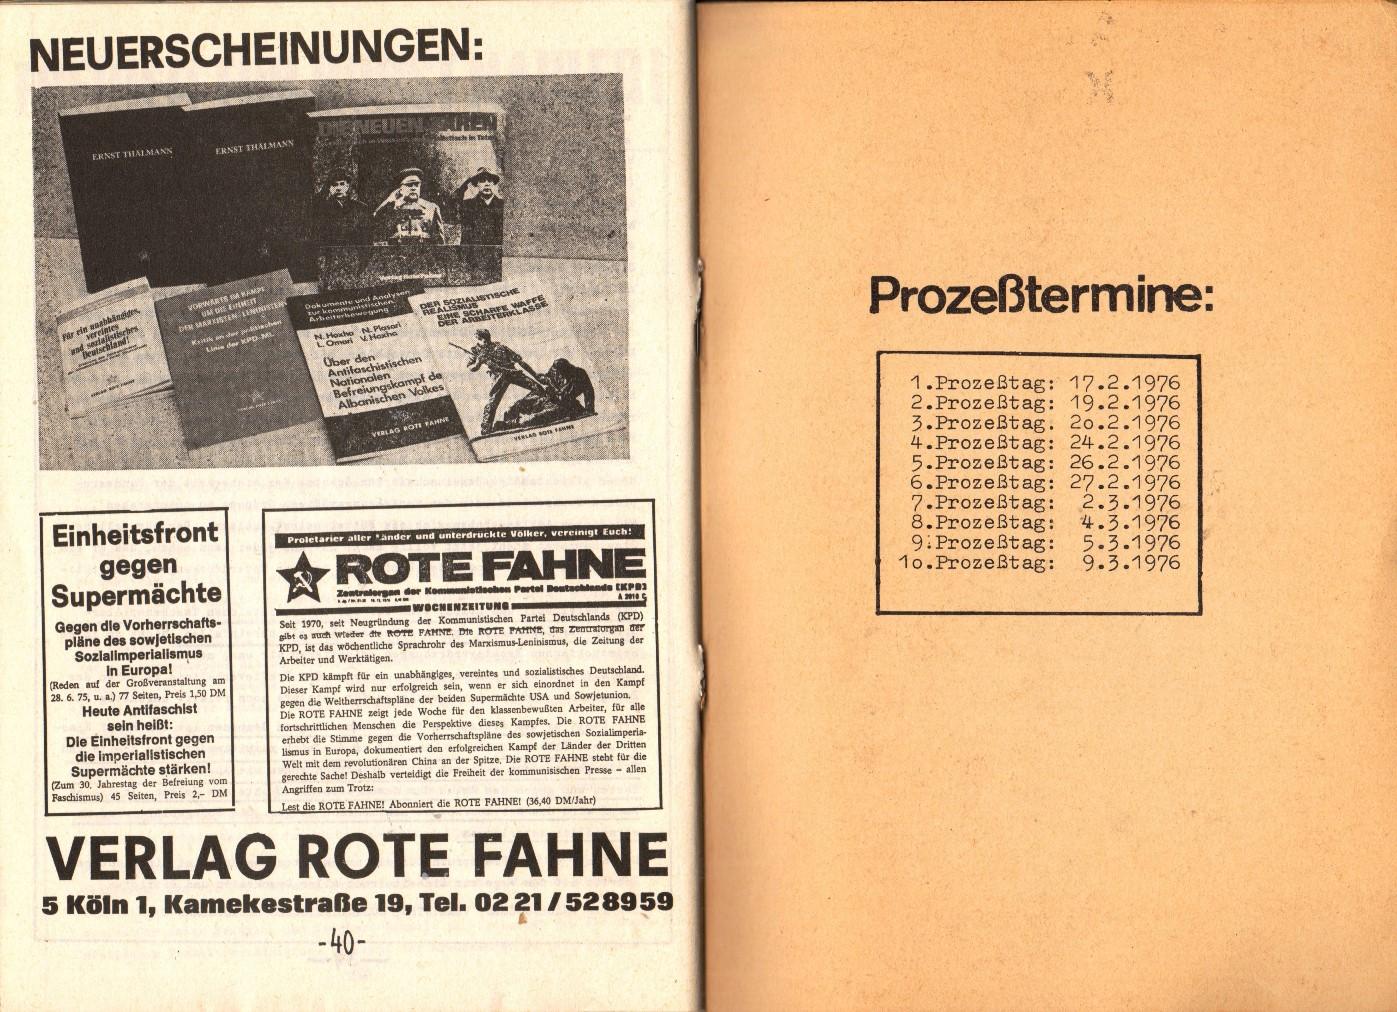 Berlin_KPD_1976_Staatsschutzprozess_22